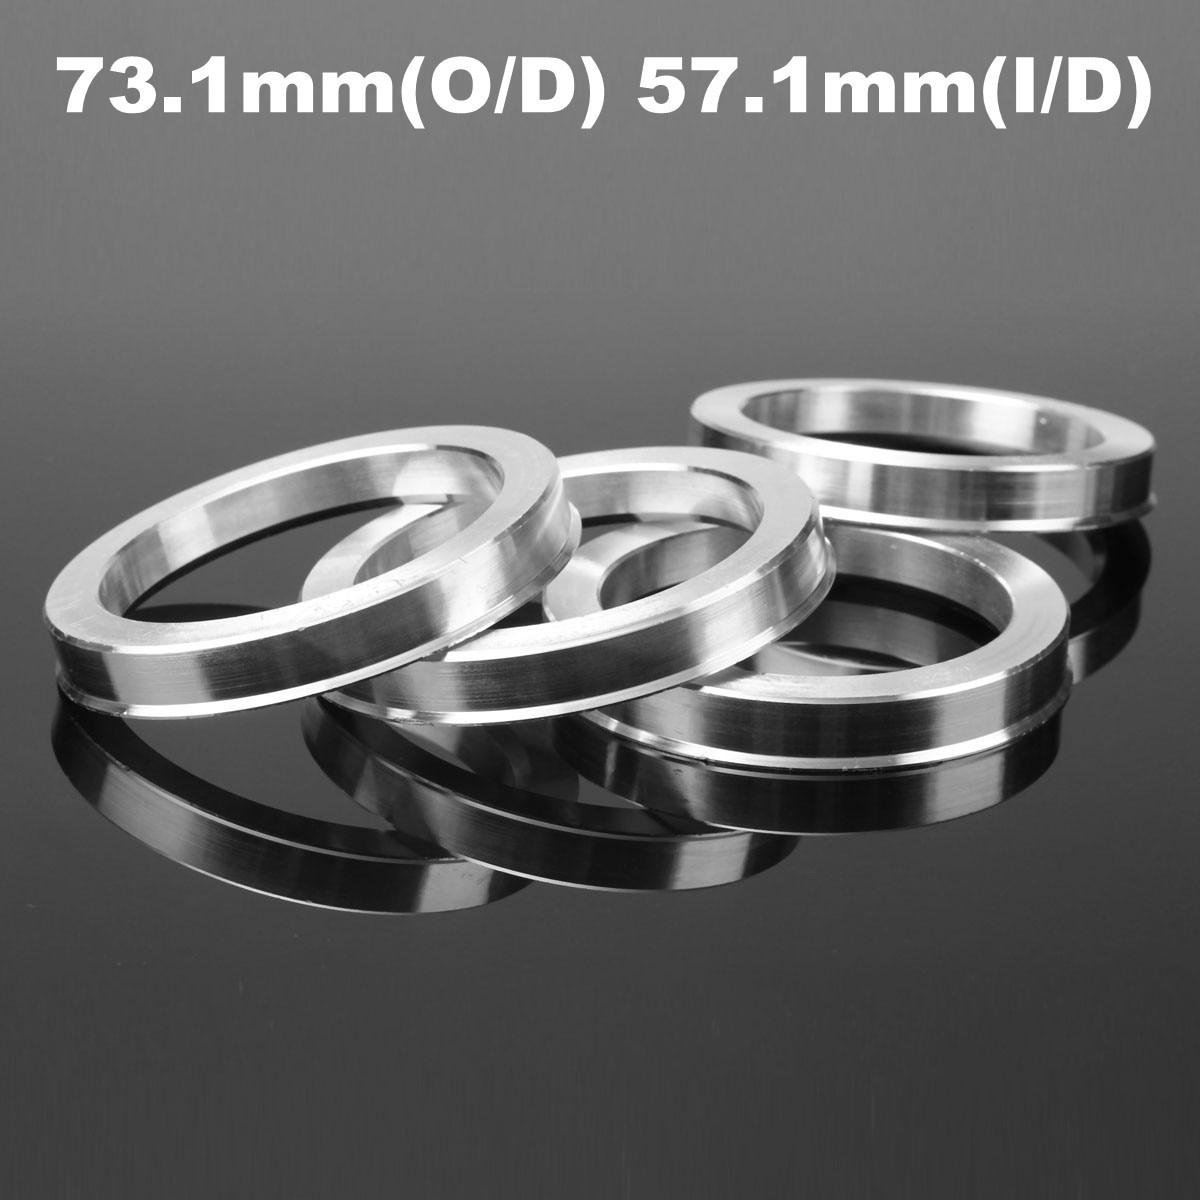 4 Pcs 73.1mm-57.1mm Universal Aluminum Hub Centric Ring Wheel Spacer Set 73.1mm O/D 57.1mm I/D4 Pcs 73.1mm-57.1mm Universal Aluminum Hub Centric Ring Wheel Spacer Set 73.1mm O/D 57.1mm I/D